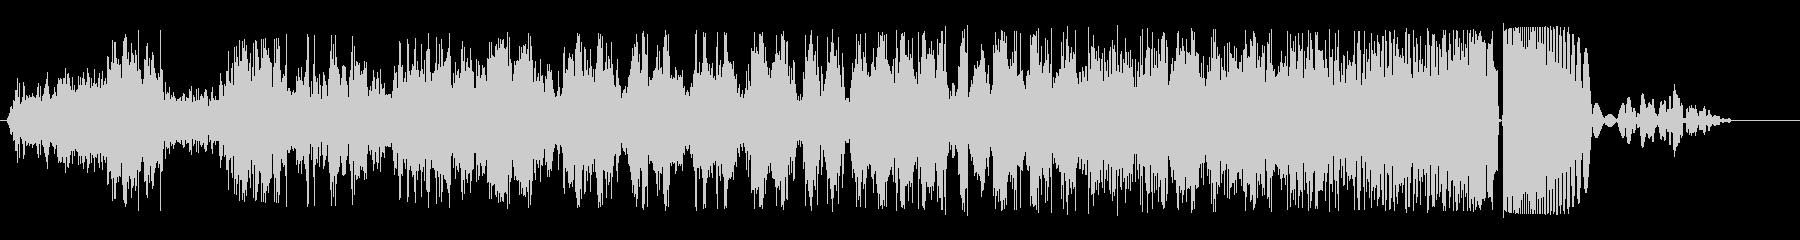 ワープ突入(シュシュシュ...ボフッ)の未再生の波形